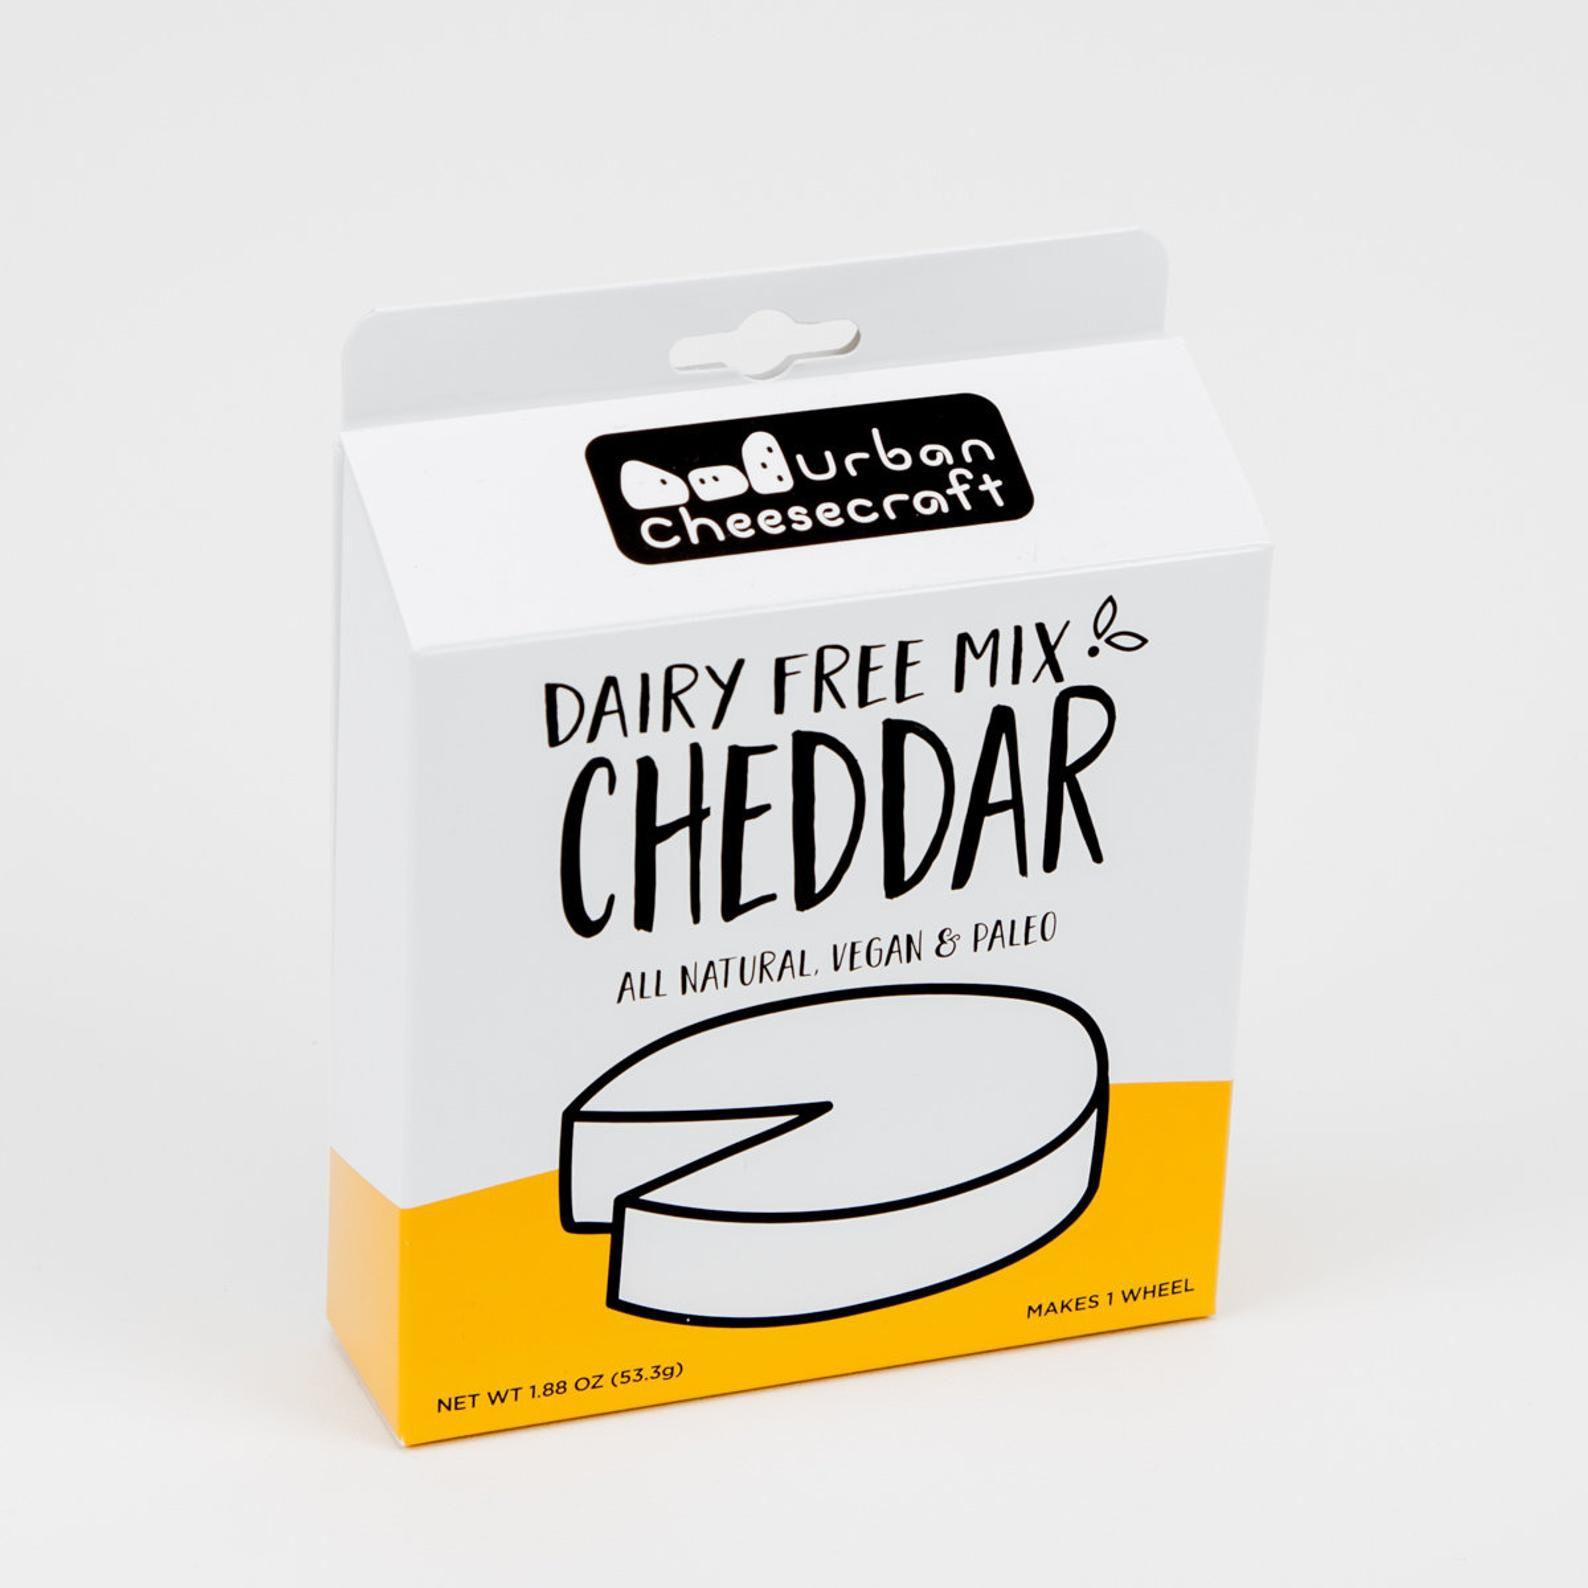 urban-cheesecraft-dairy-free-cheddar-mix